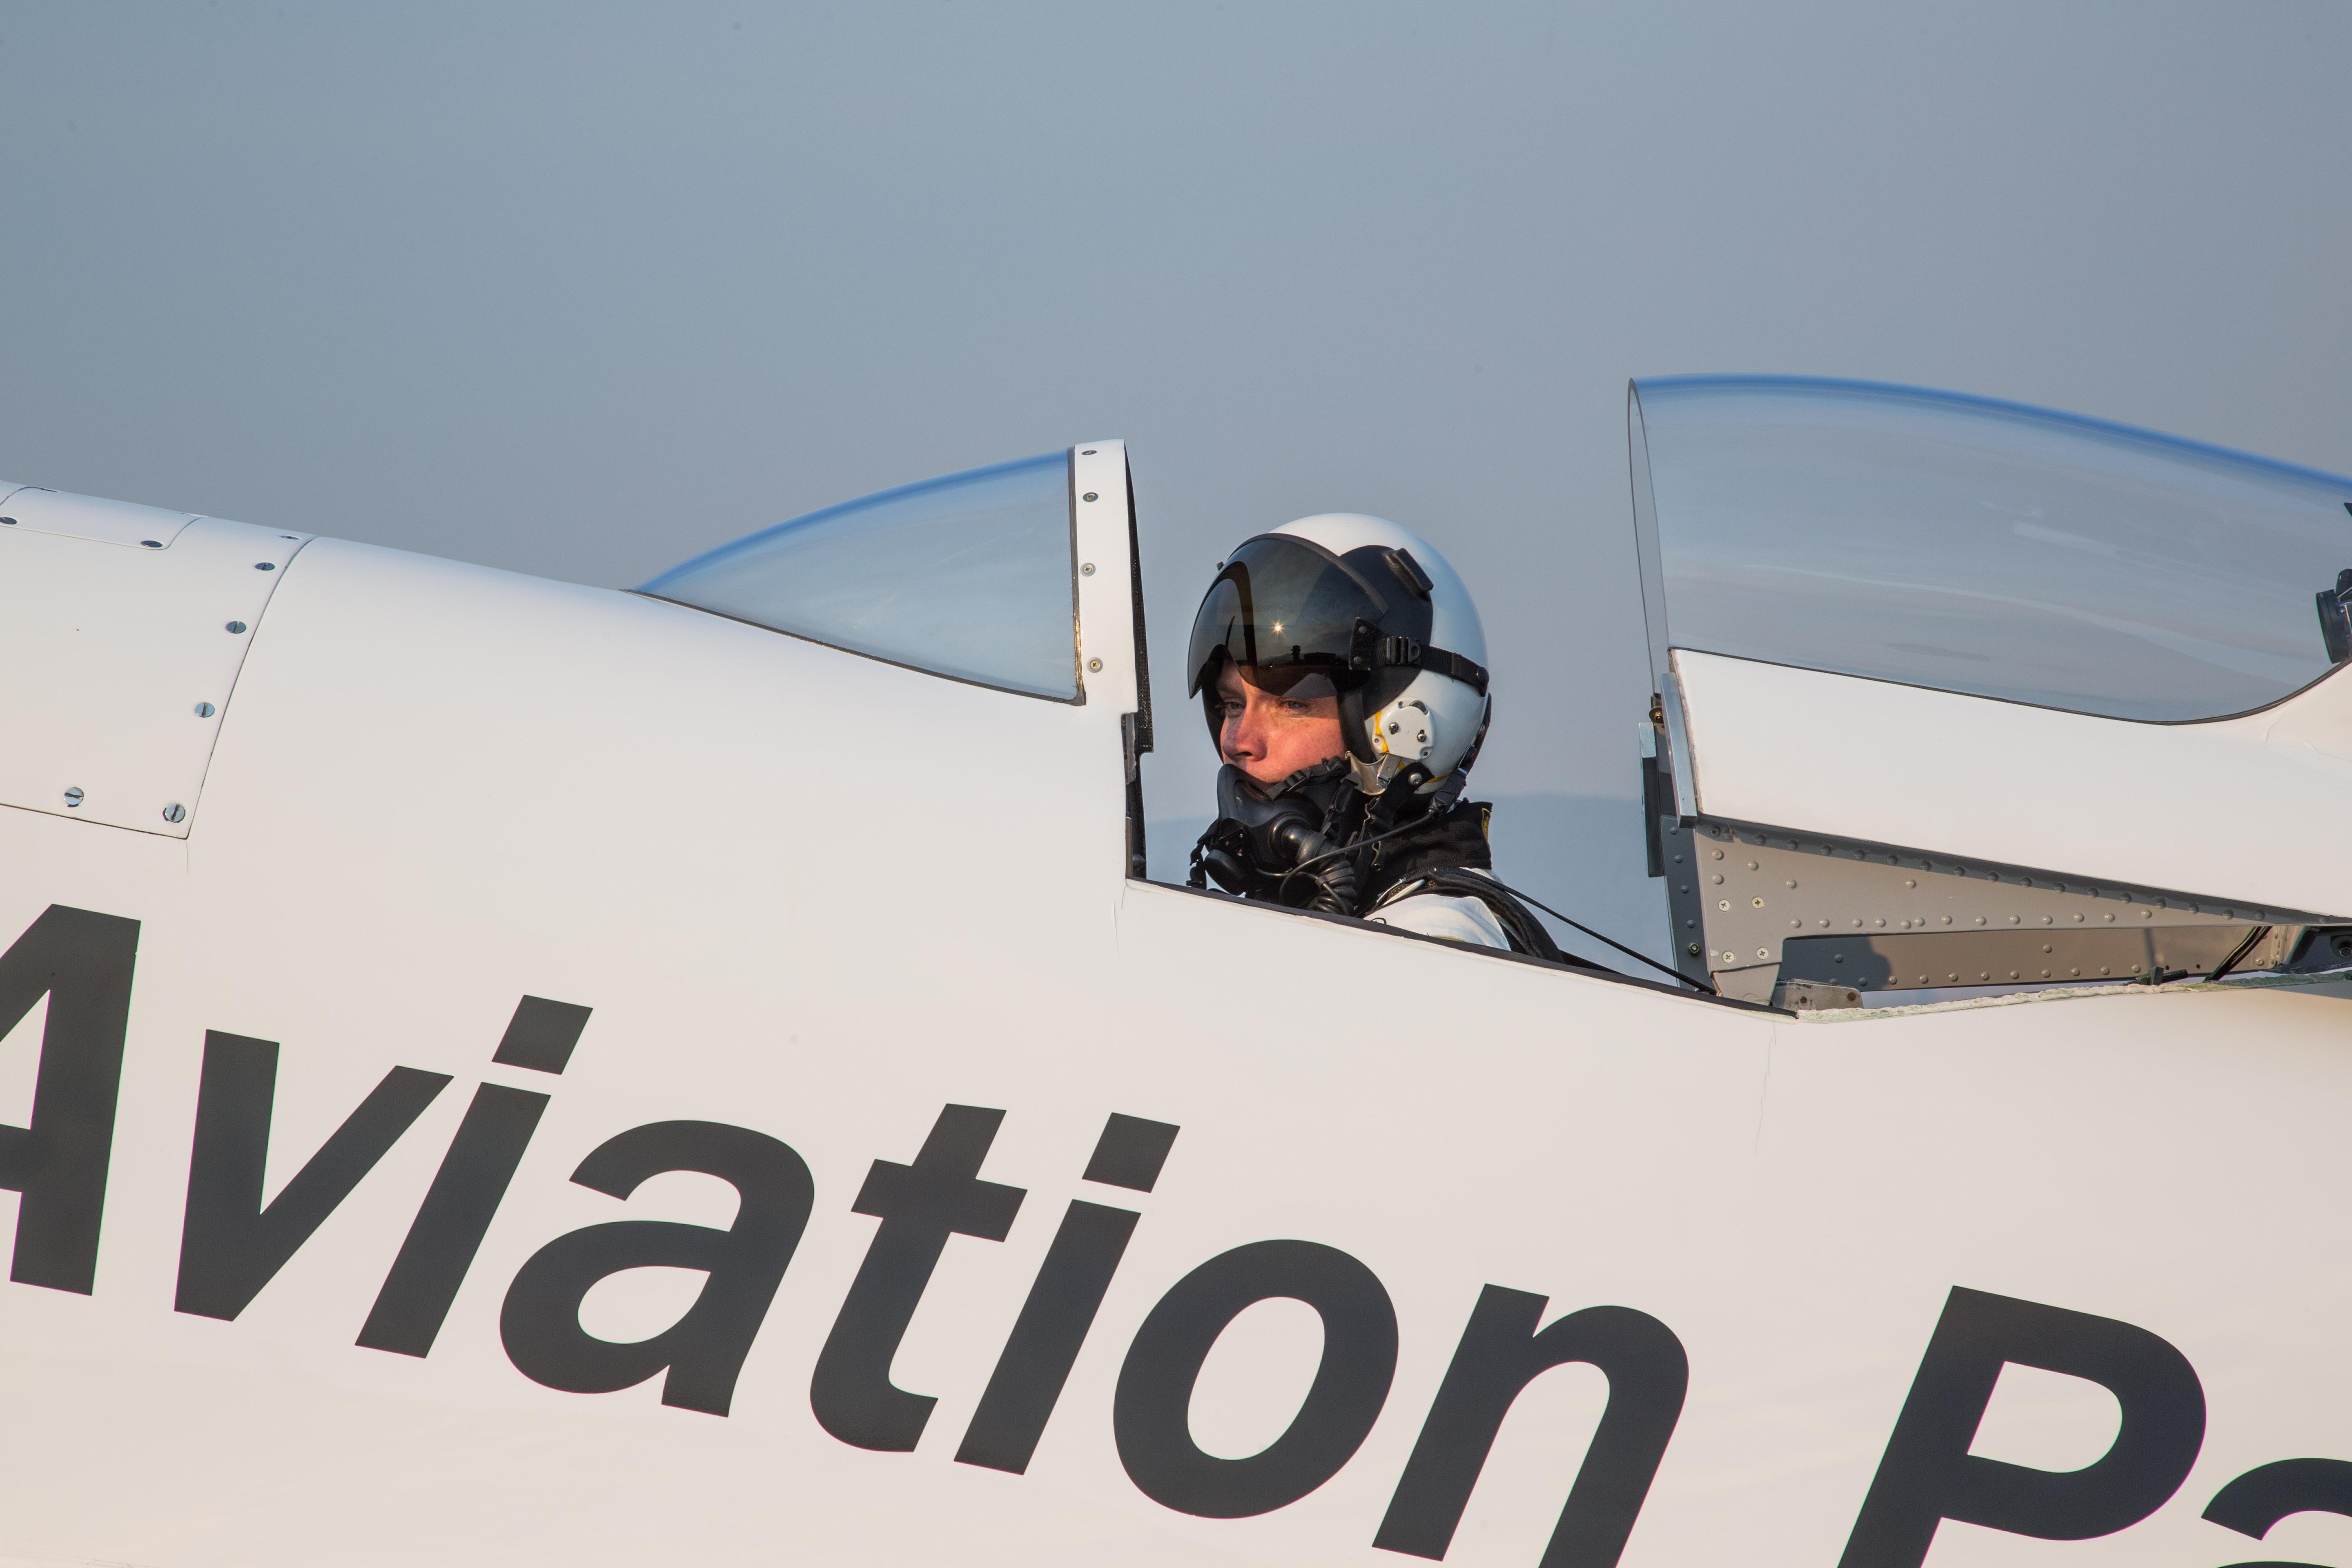 Pilot Steve Hinton